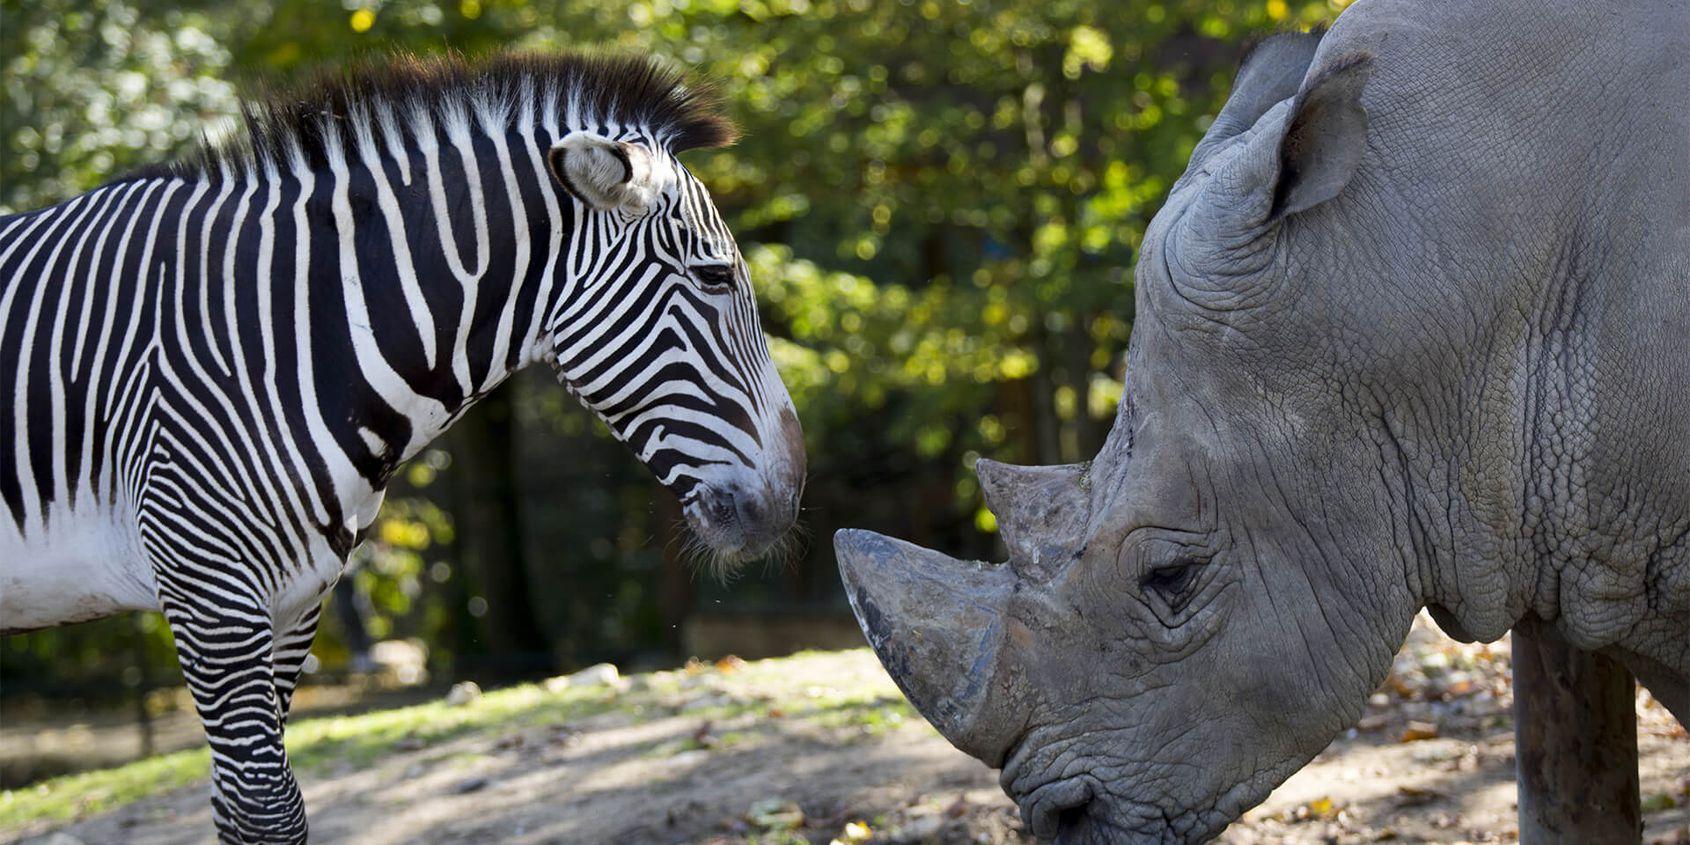 Zèbre et rhinocéros - Les animaux de La Savane Africaine - ZooParc de Beauval